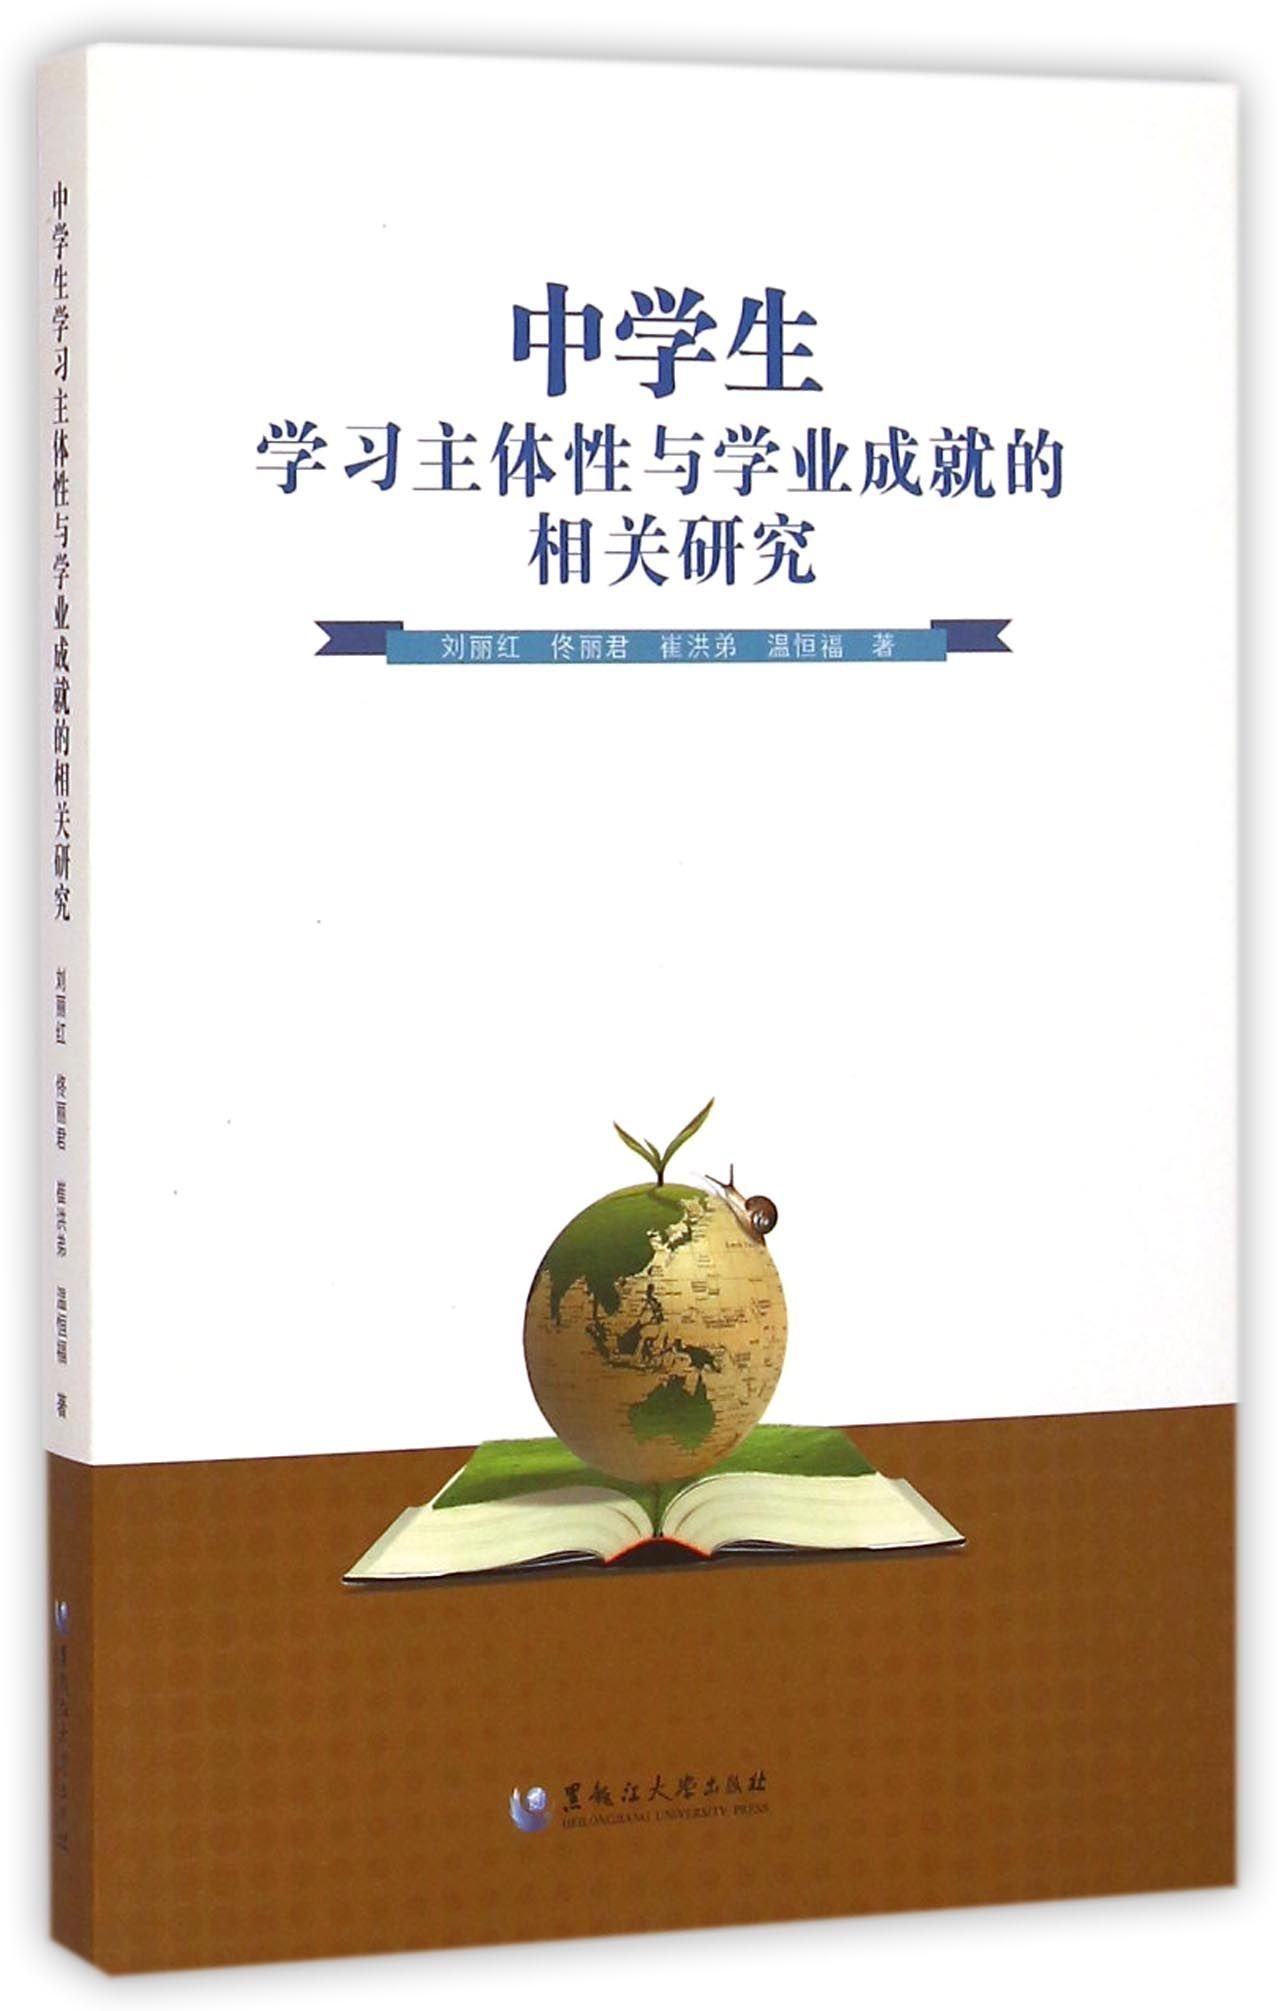 第一章 学习主体性概述 一、学习主体性的研究背景 二、什么是学习主体性 三、中学生学习主体性的特征 四、中学生学习主体性的表现 五、中学生学习主体性的发展策略 第二章 学习主体性的影响因素 一、家庭教养方式对学习主体性的影响 二、教学方式对学习主体性的影响 三、师生关系对学习主体性的影响 四、学生个性对学习主体性的影响 第三章 学习主体性与学业发展 一、学习主体性的意义 二、学习主体性的相关理论 三、中学生学习主体性对学业成绩的影响研究 四、学生对教师的影响 五、学生个体的生理、心理特征对教师的影响 第四